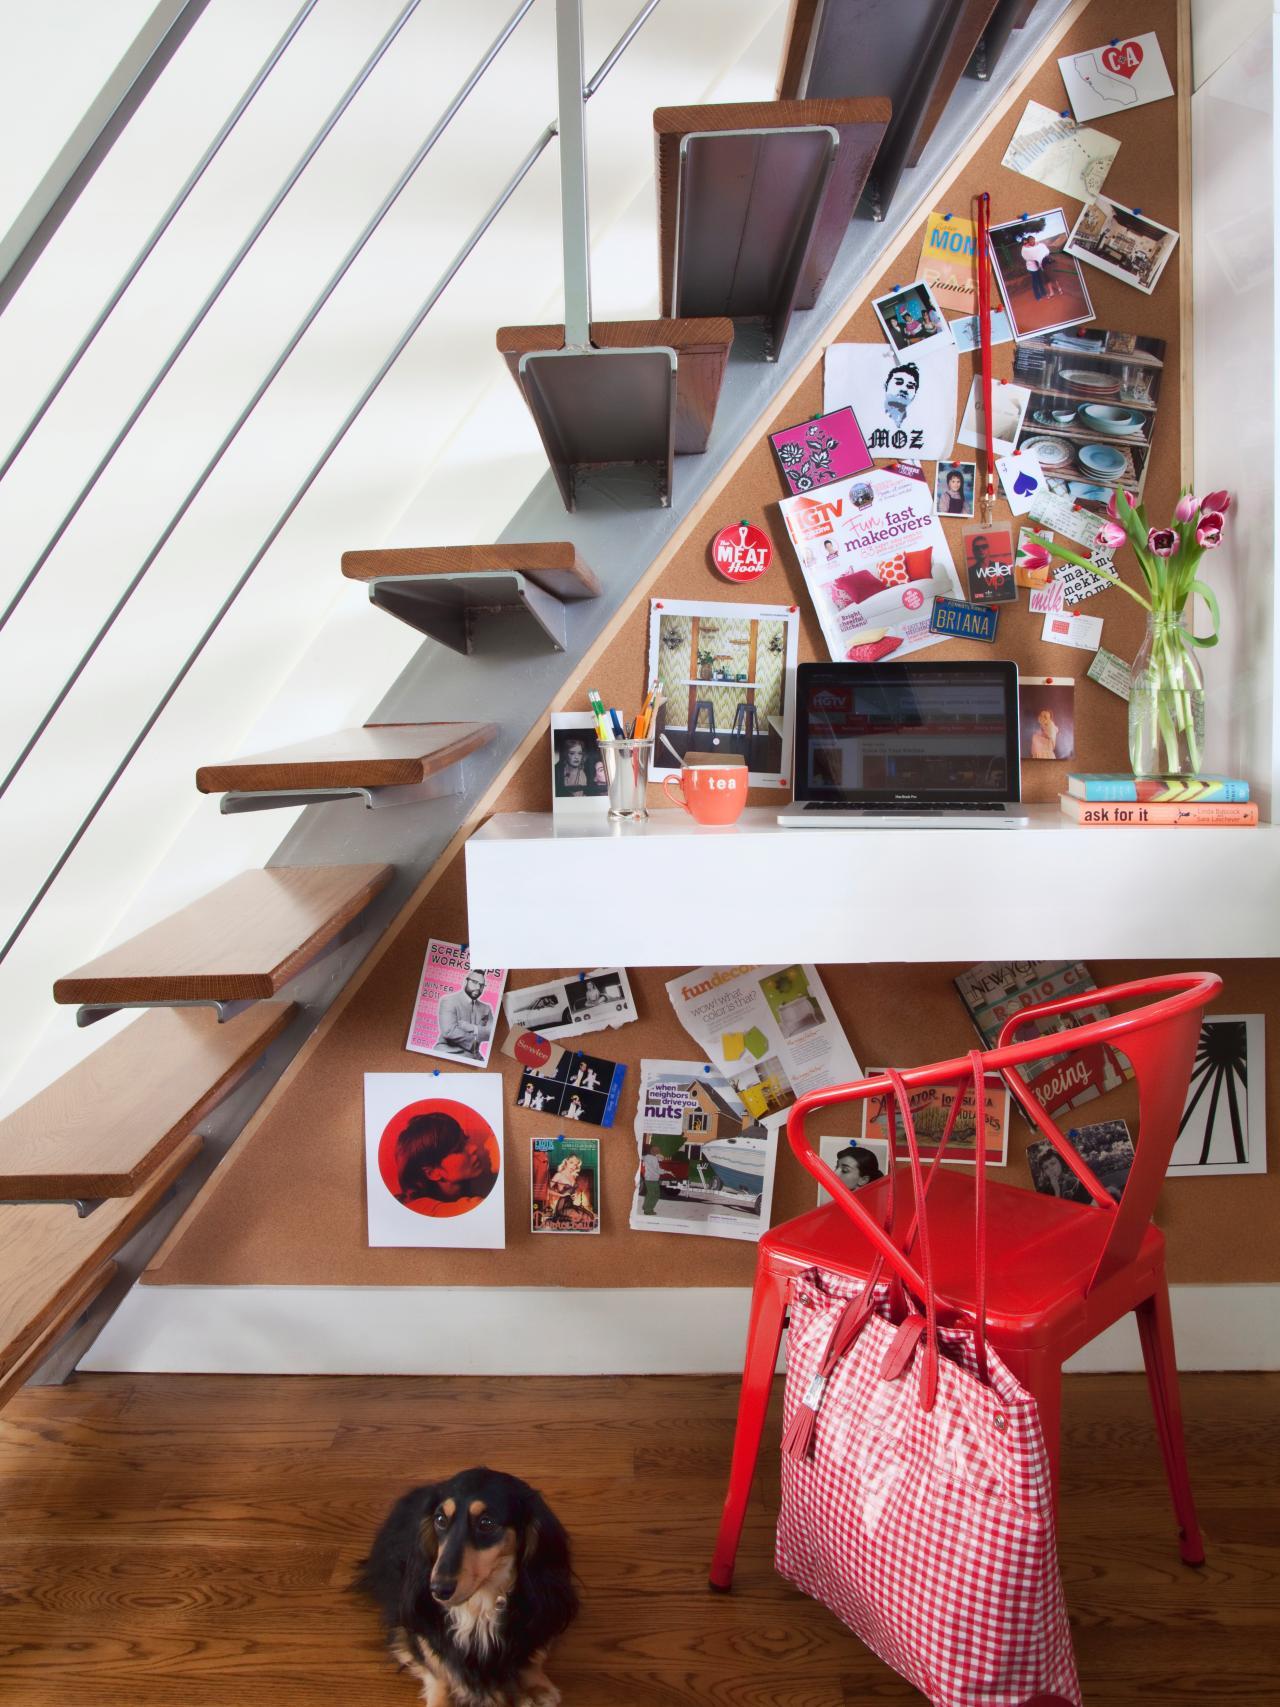 ideas decoracion espacios pequeños aprovechar sitios